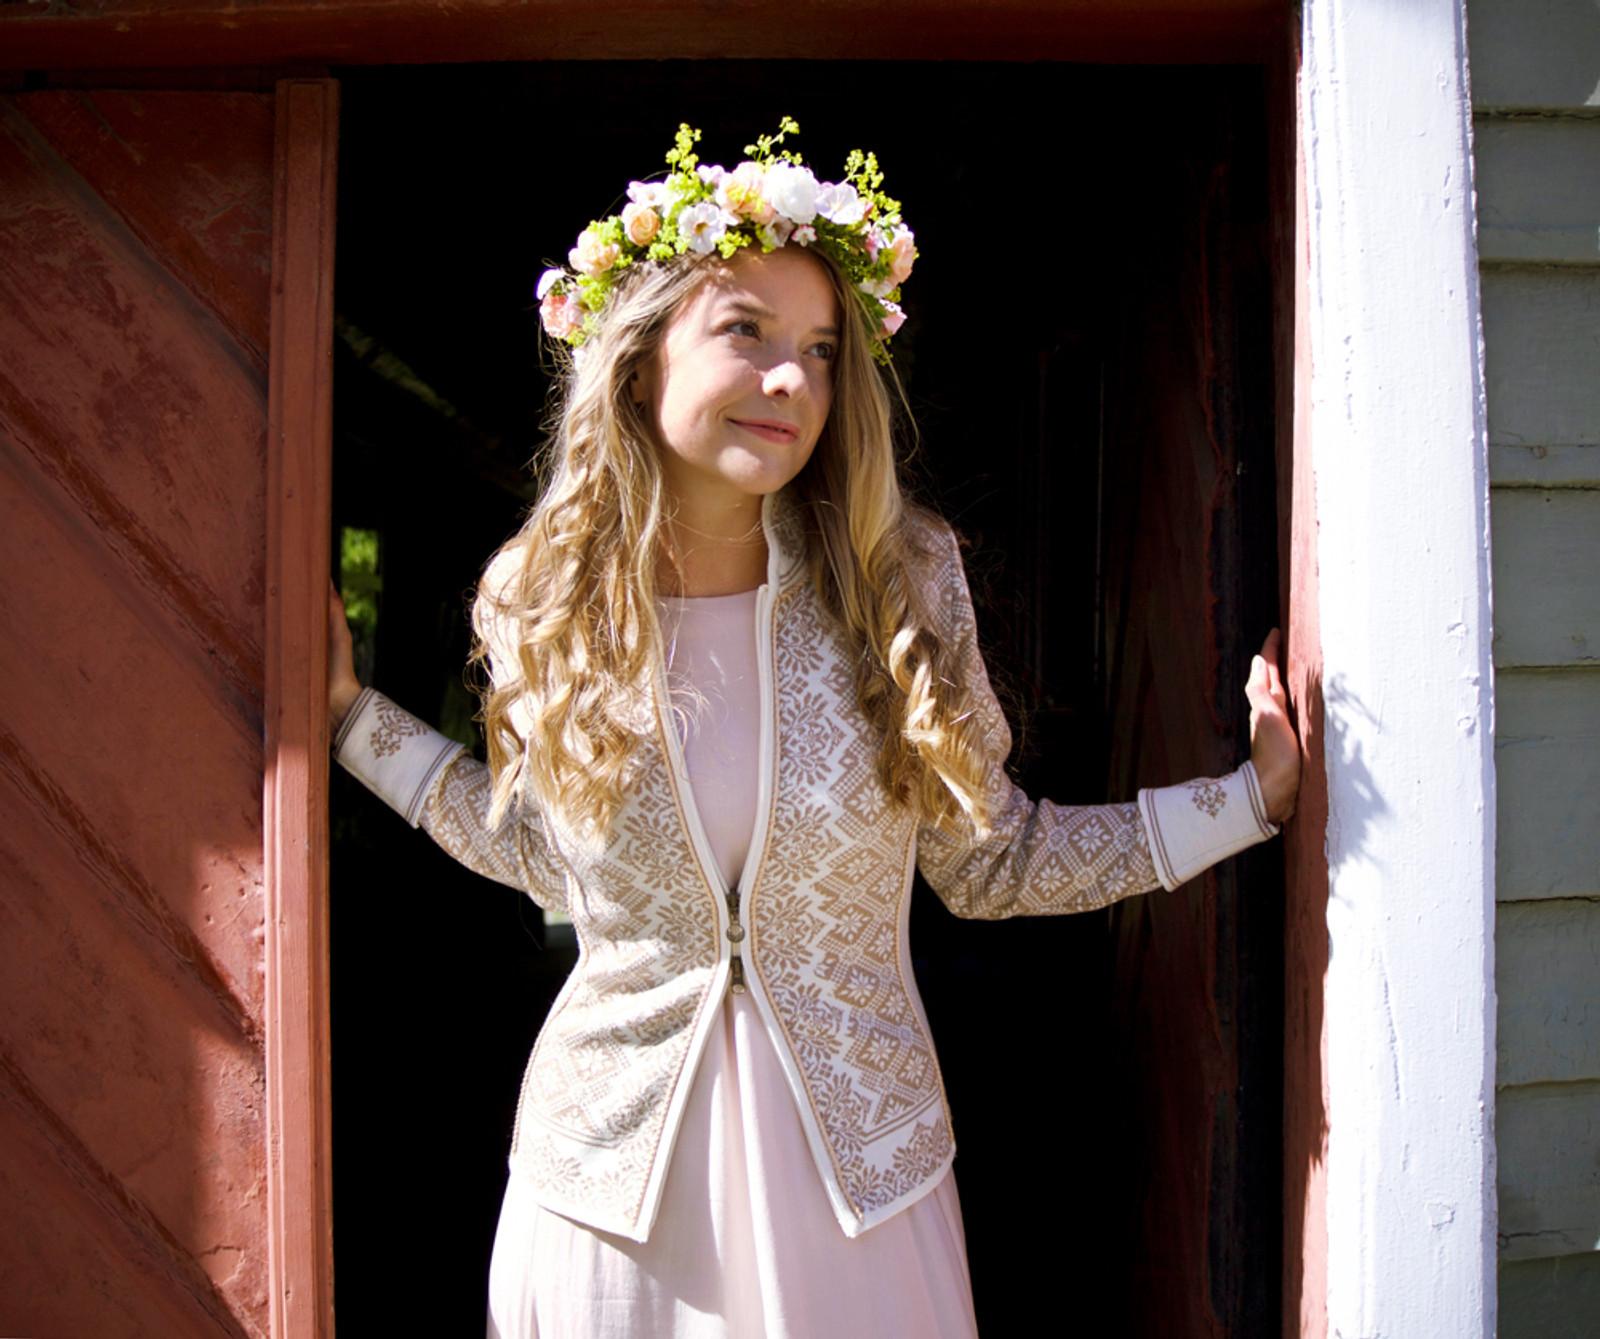 Woman in doorway modeling Dale of Norway Christiania Ladies Cardigan in Off White/Beige, 81951-P